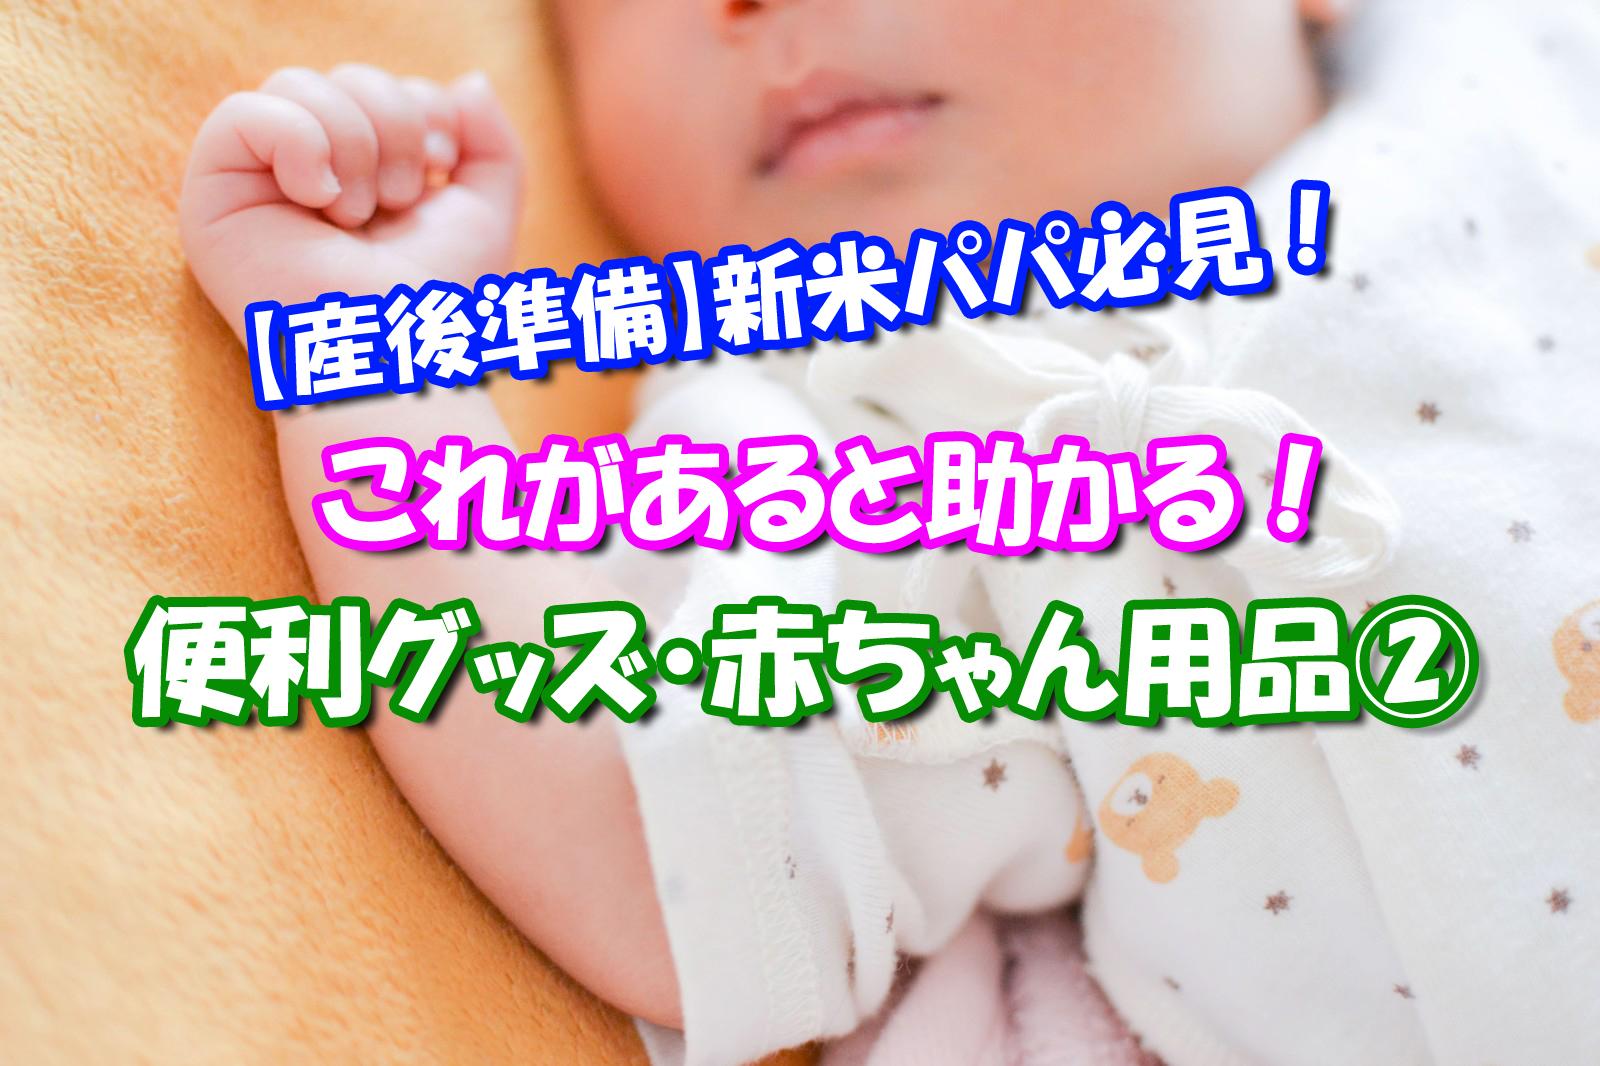 産後あると助かる便利グッズ2